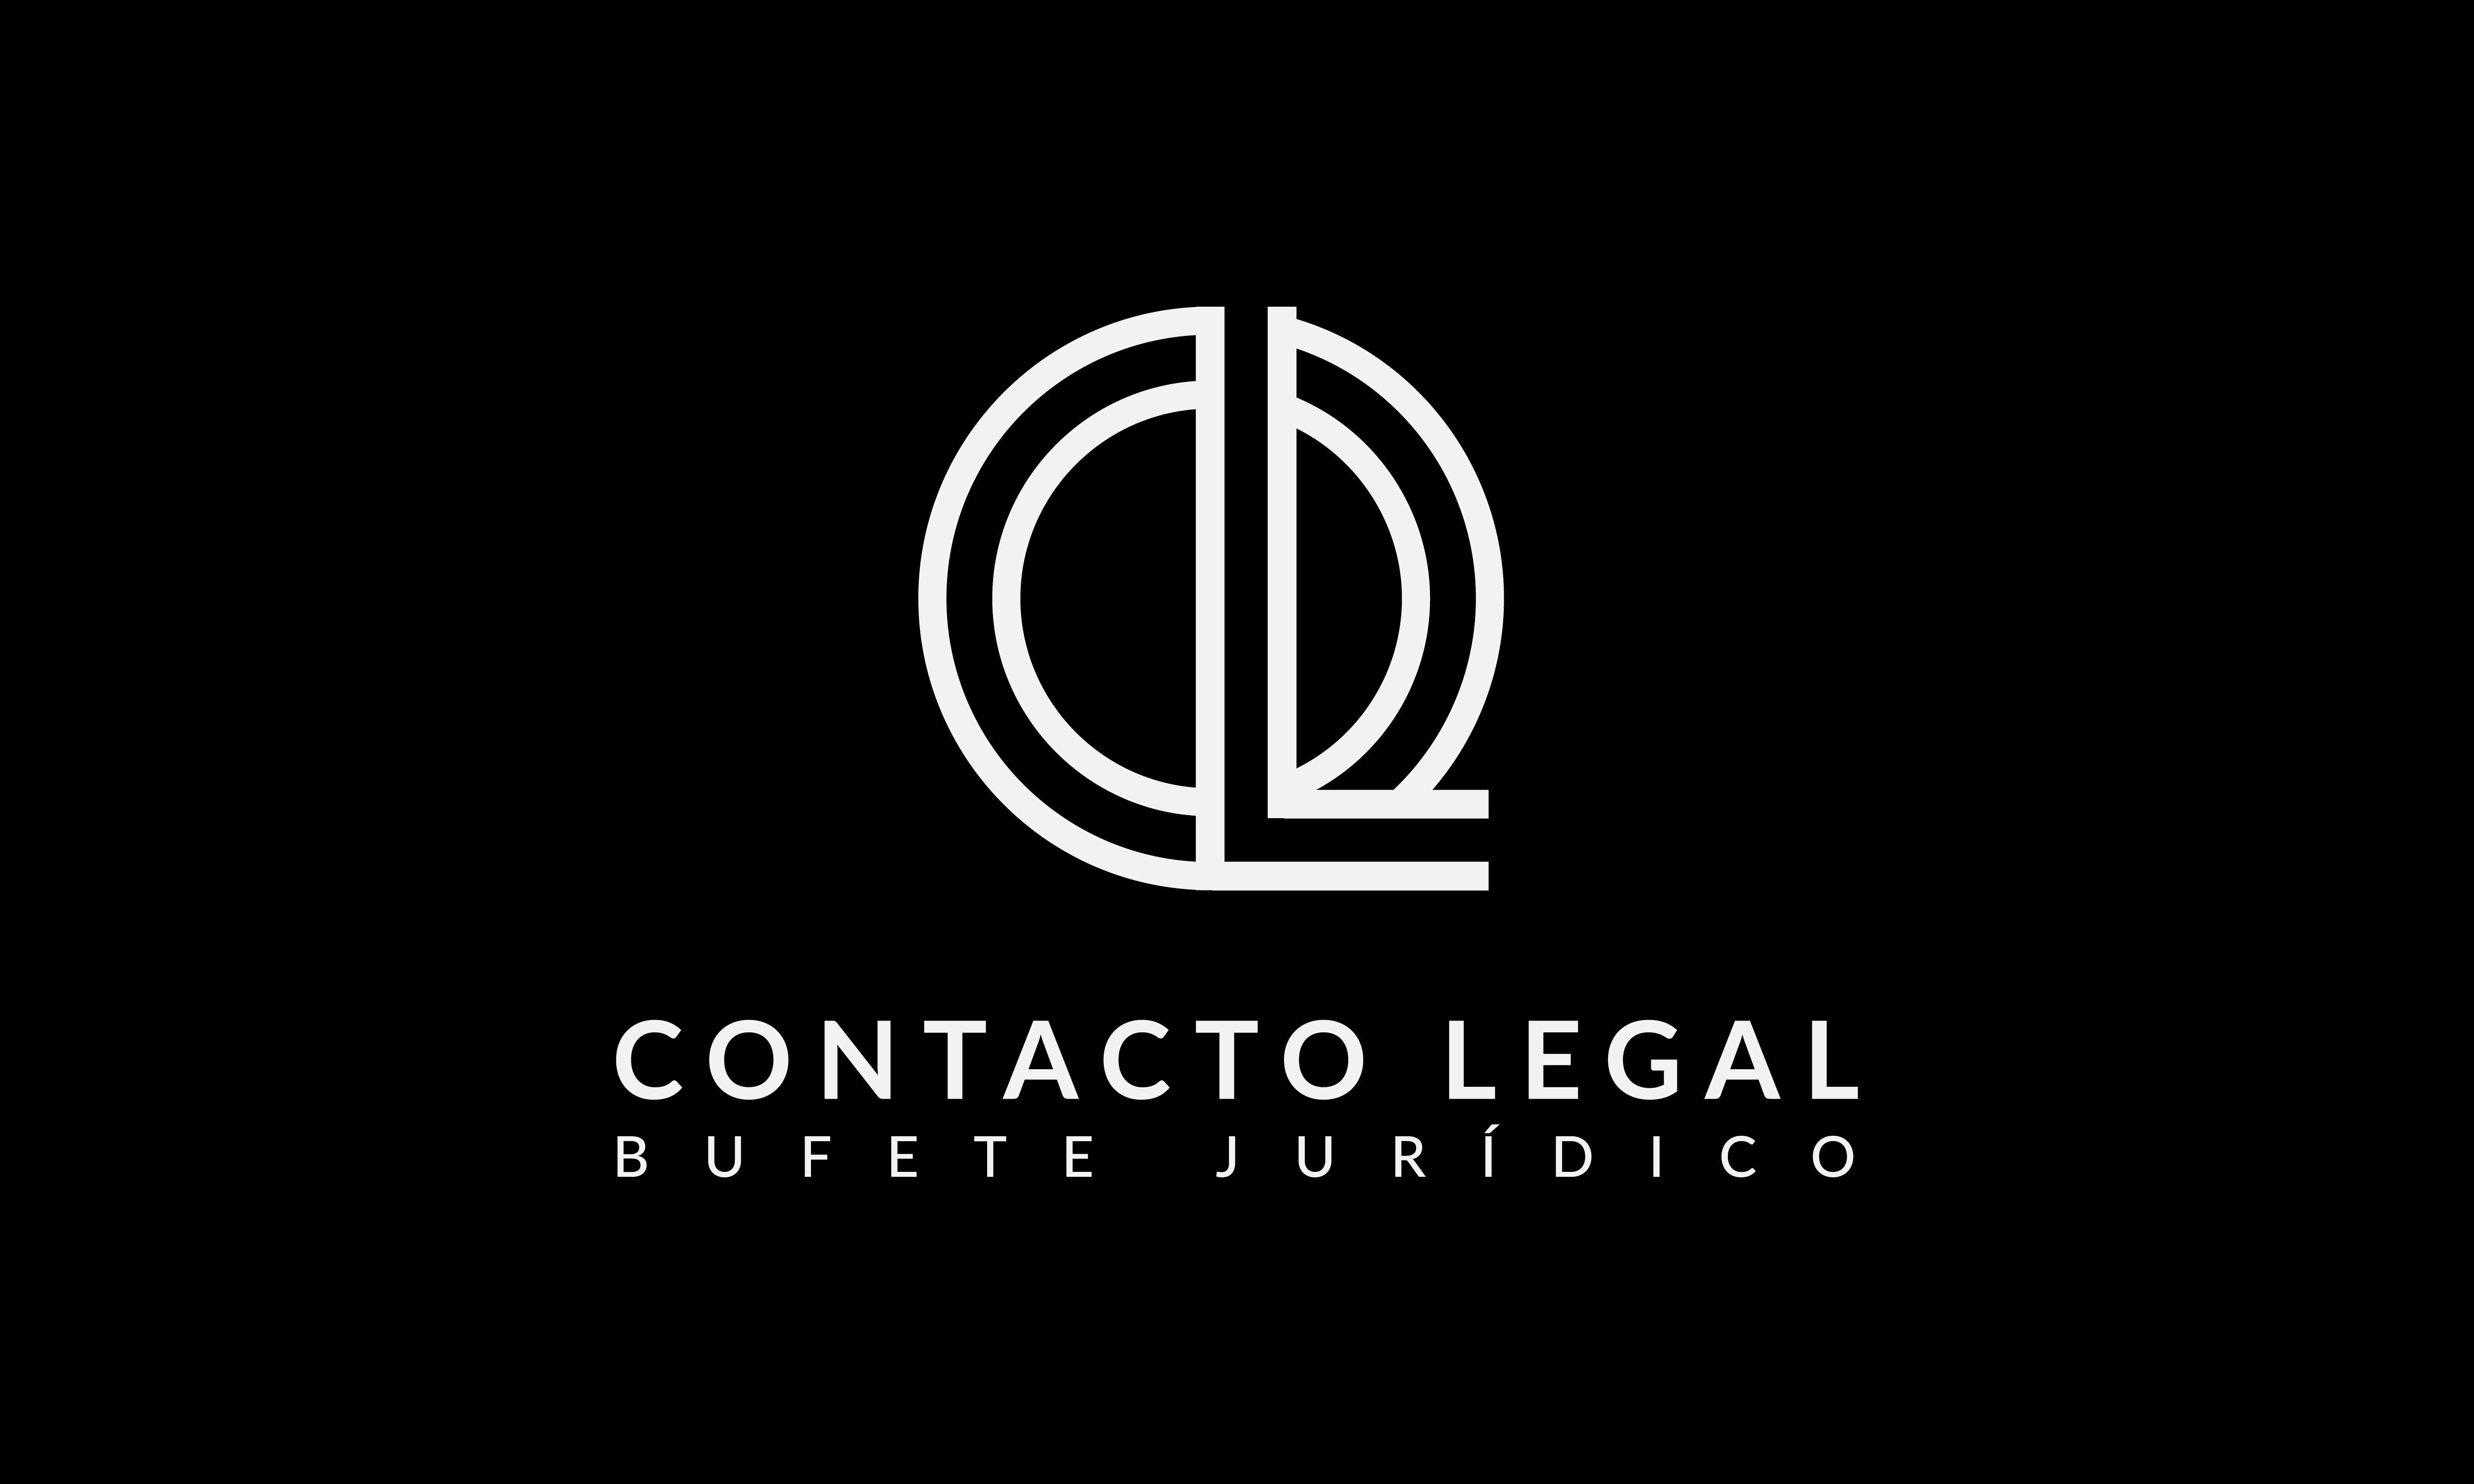 Contacto-Legal-Creacion-De-Logotipo-FullFrame-Photomkt (1)